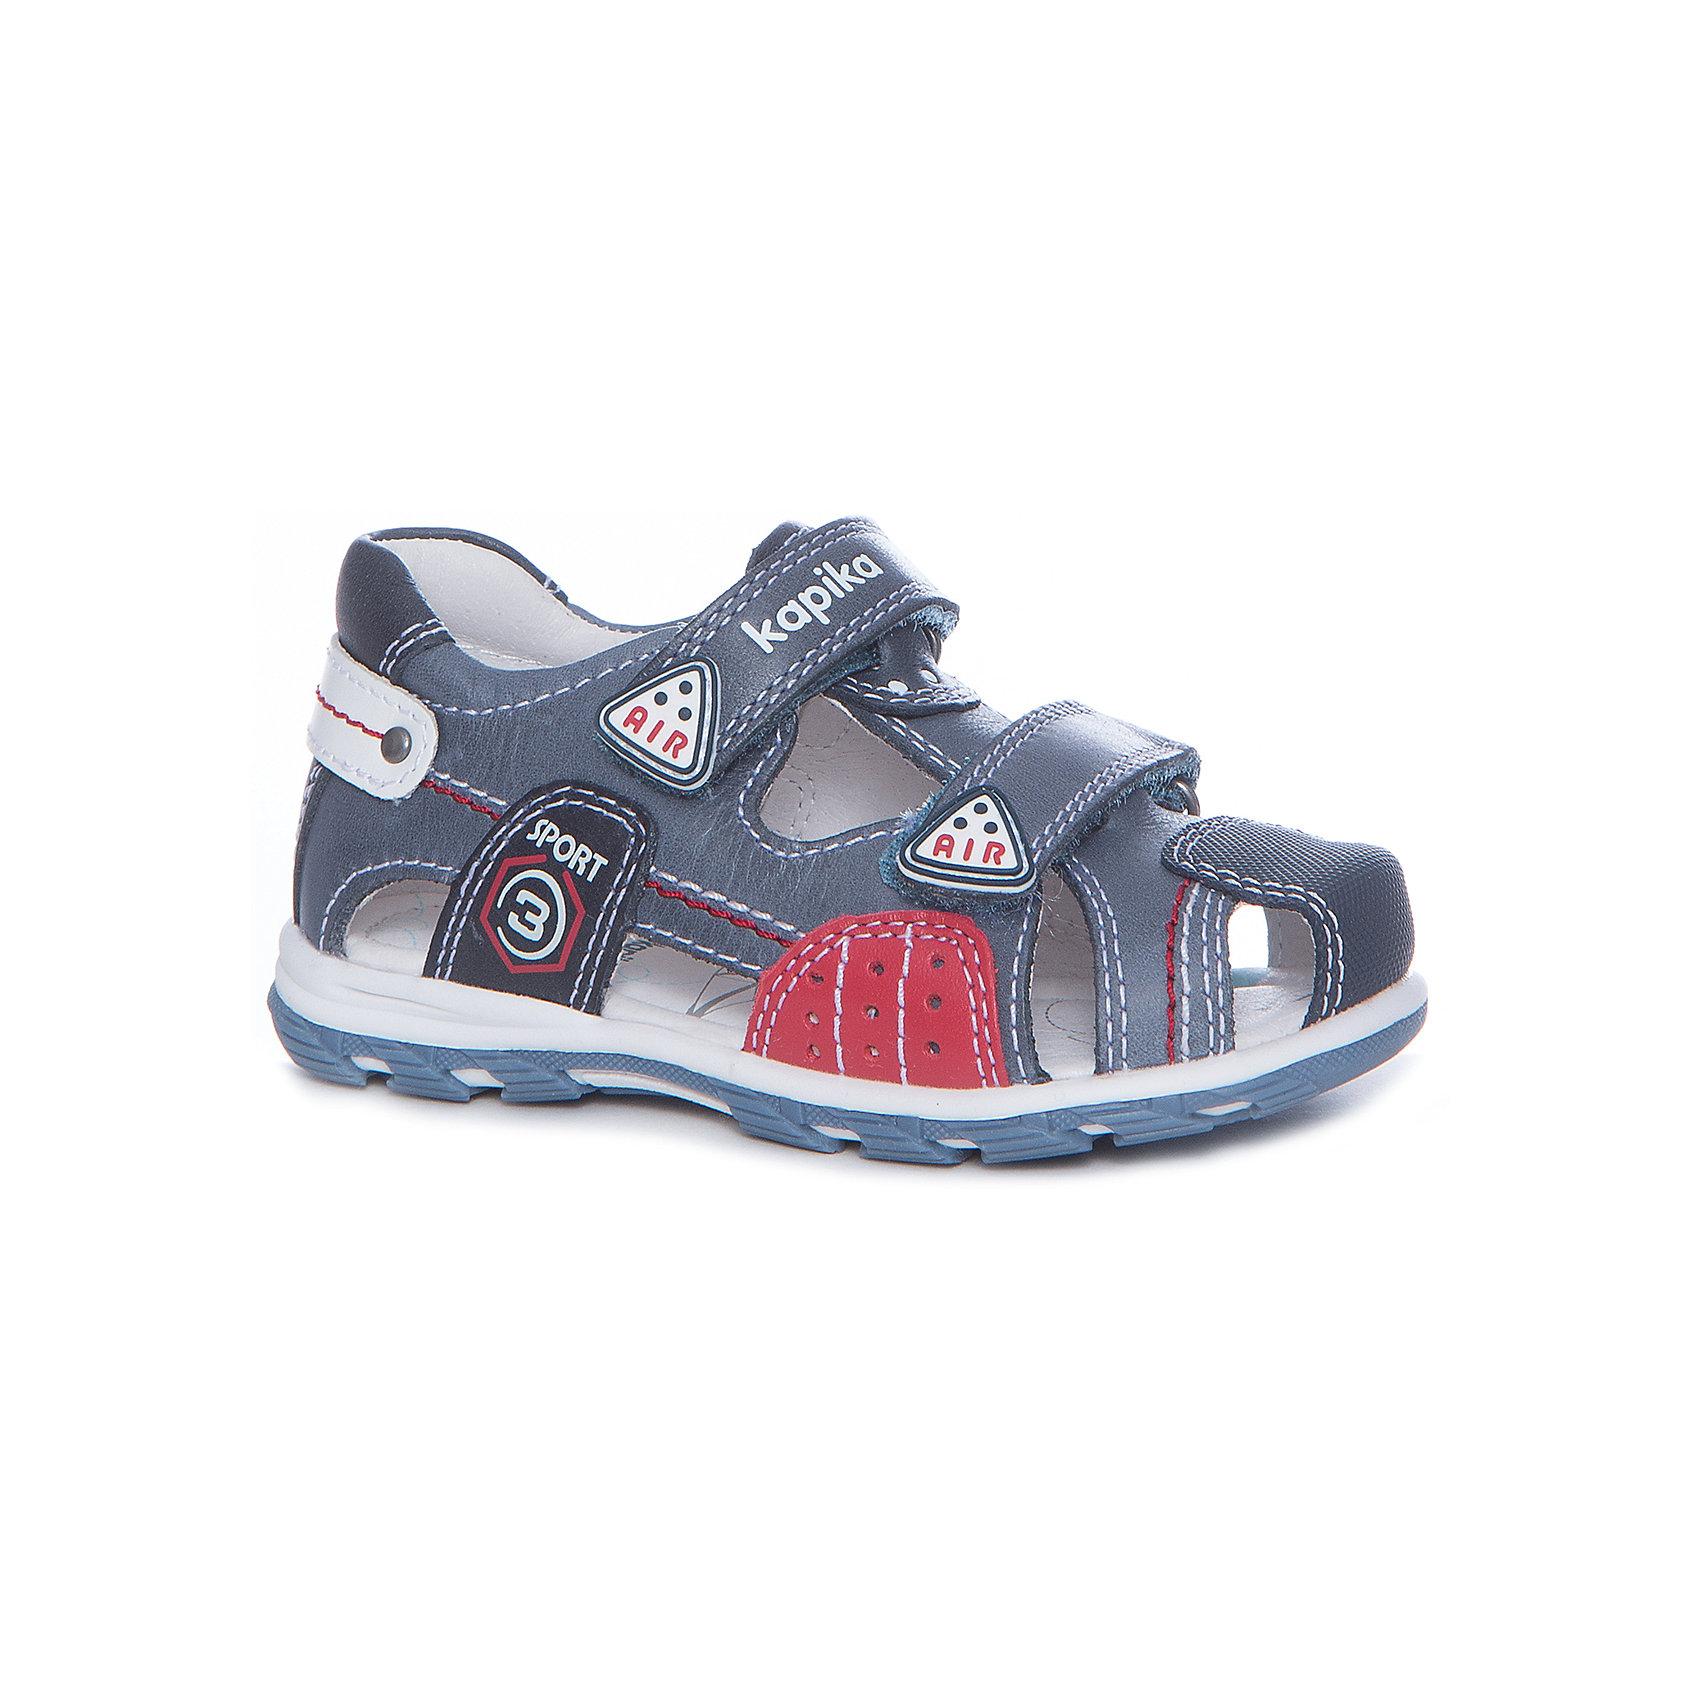 Сандалии для мальчика KAPIKA, синиеСандалии<br>Характеристики товара:<br><br>• цвет: синий, оранжевый<br>• анатомическая обувь<br>• внешний материал обуви: натуральная кожа<br>• внутренний материал: натуральная кожа<br>• стелька: натуральная кожа<br>• подошва: ТЭП<br>• тип сандалей: с закрытым мысом<br>• тип застежки: на липучке<br>• сезон: лето<br>• страна бренда: Россия<br>• страна изготовитель: Китай<br><br>Сандалии с закрытым мысом для мальчика от российского бренда Kapika (Капика) можно купить в нашем интернет-магазине.<br><br>Ширина мм: 227<br>Глубина мм: 145<br>Высота мм: 124<br>Вес г: 325<br>Цвет: синий<br>Возраст от месяцев: 24<br>Возраст до месяцев: 36<br>Пол: Мужской<br>Возраст: Детский<br>Размер: 26,23,24,25,27,28,29<br>SKU: 5323728